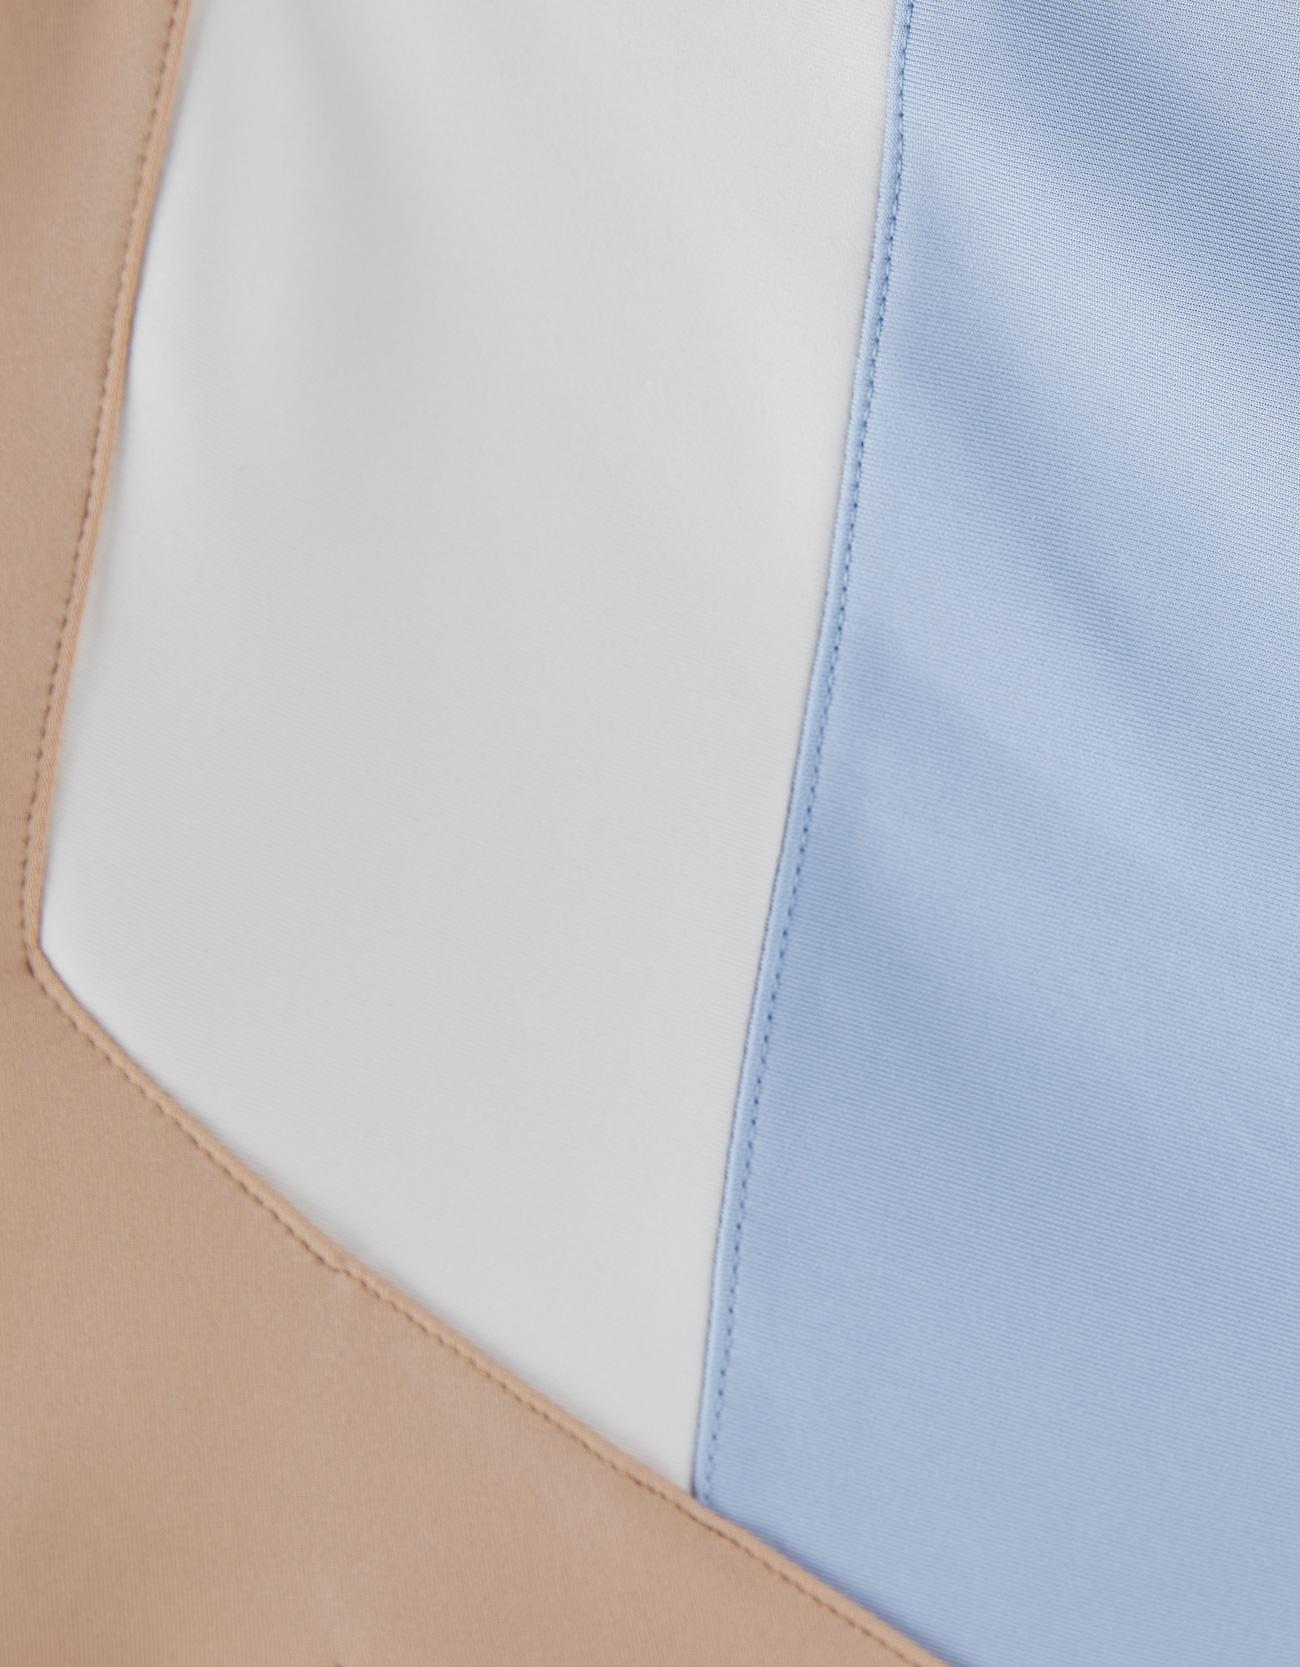 005d0605b5d Contrasting retro sport jacket - New - Bershka Taiwan, China / 中国台湾